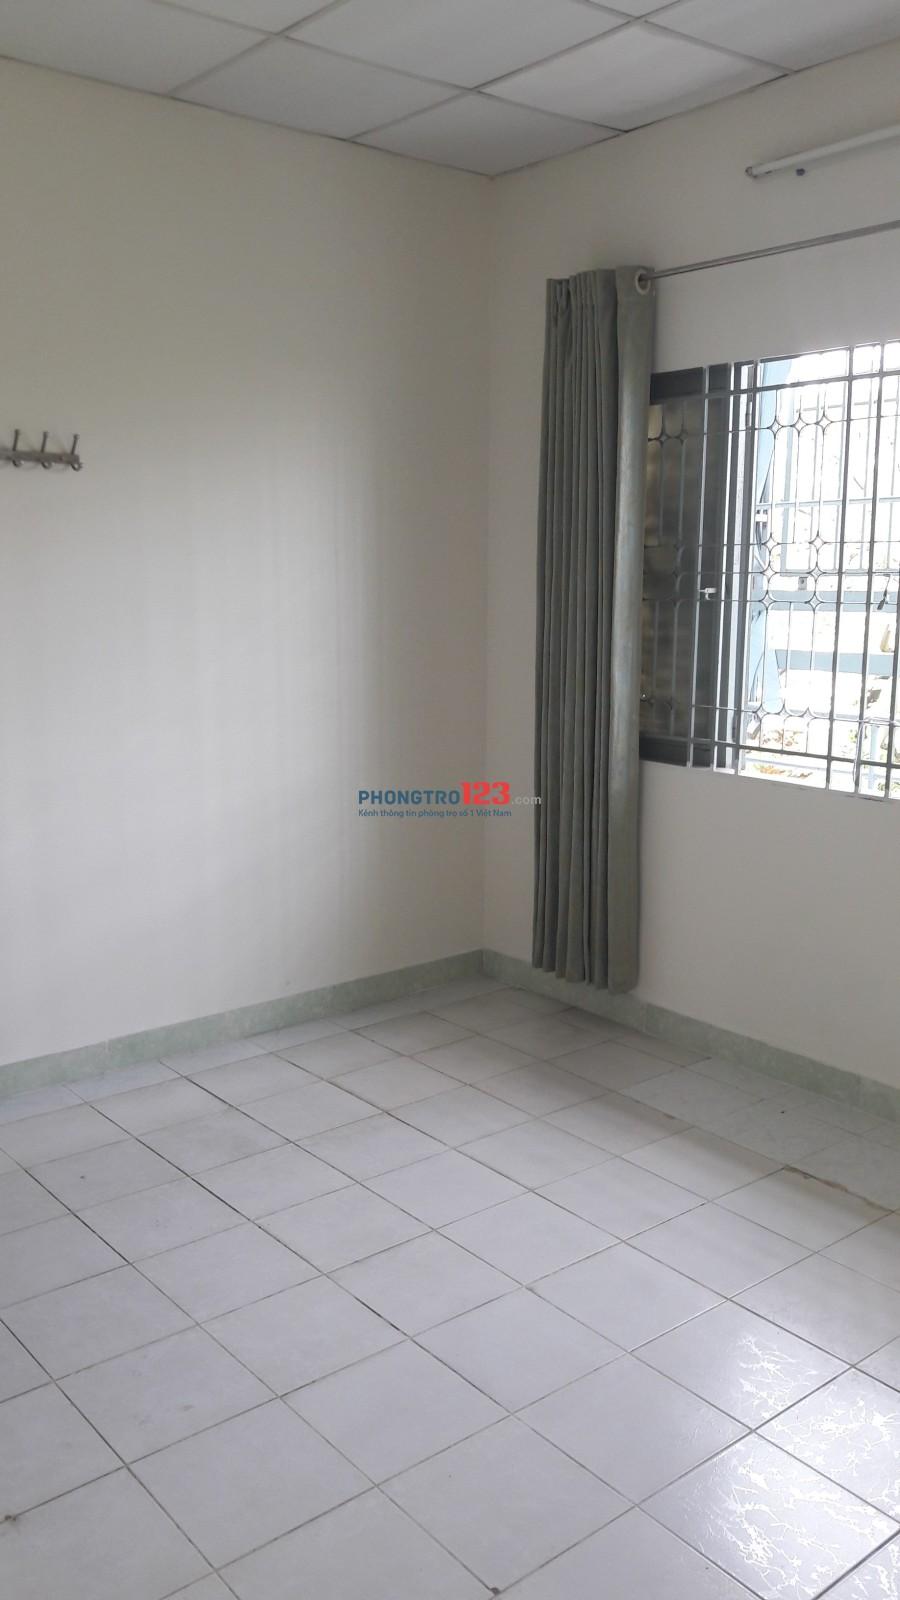 Phòng Trọ Phường Phú Thạnh, Quận Tân Phú